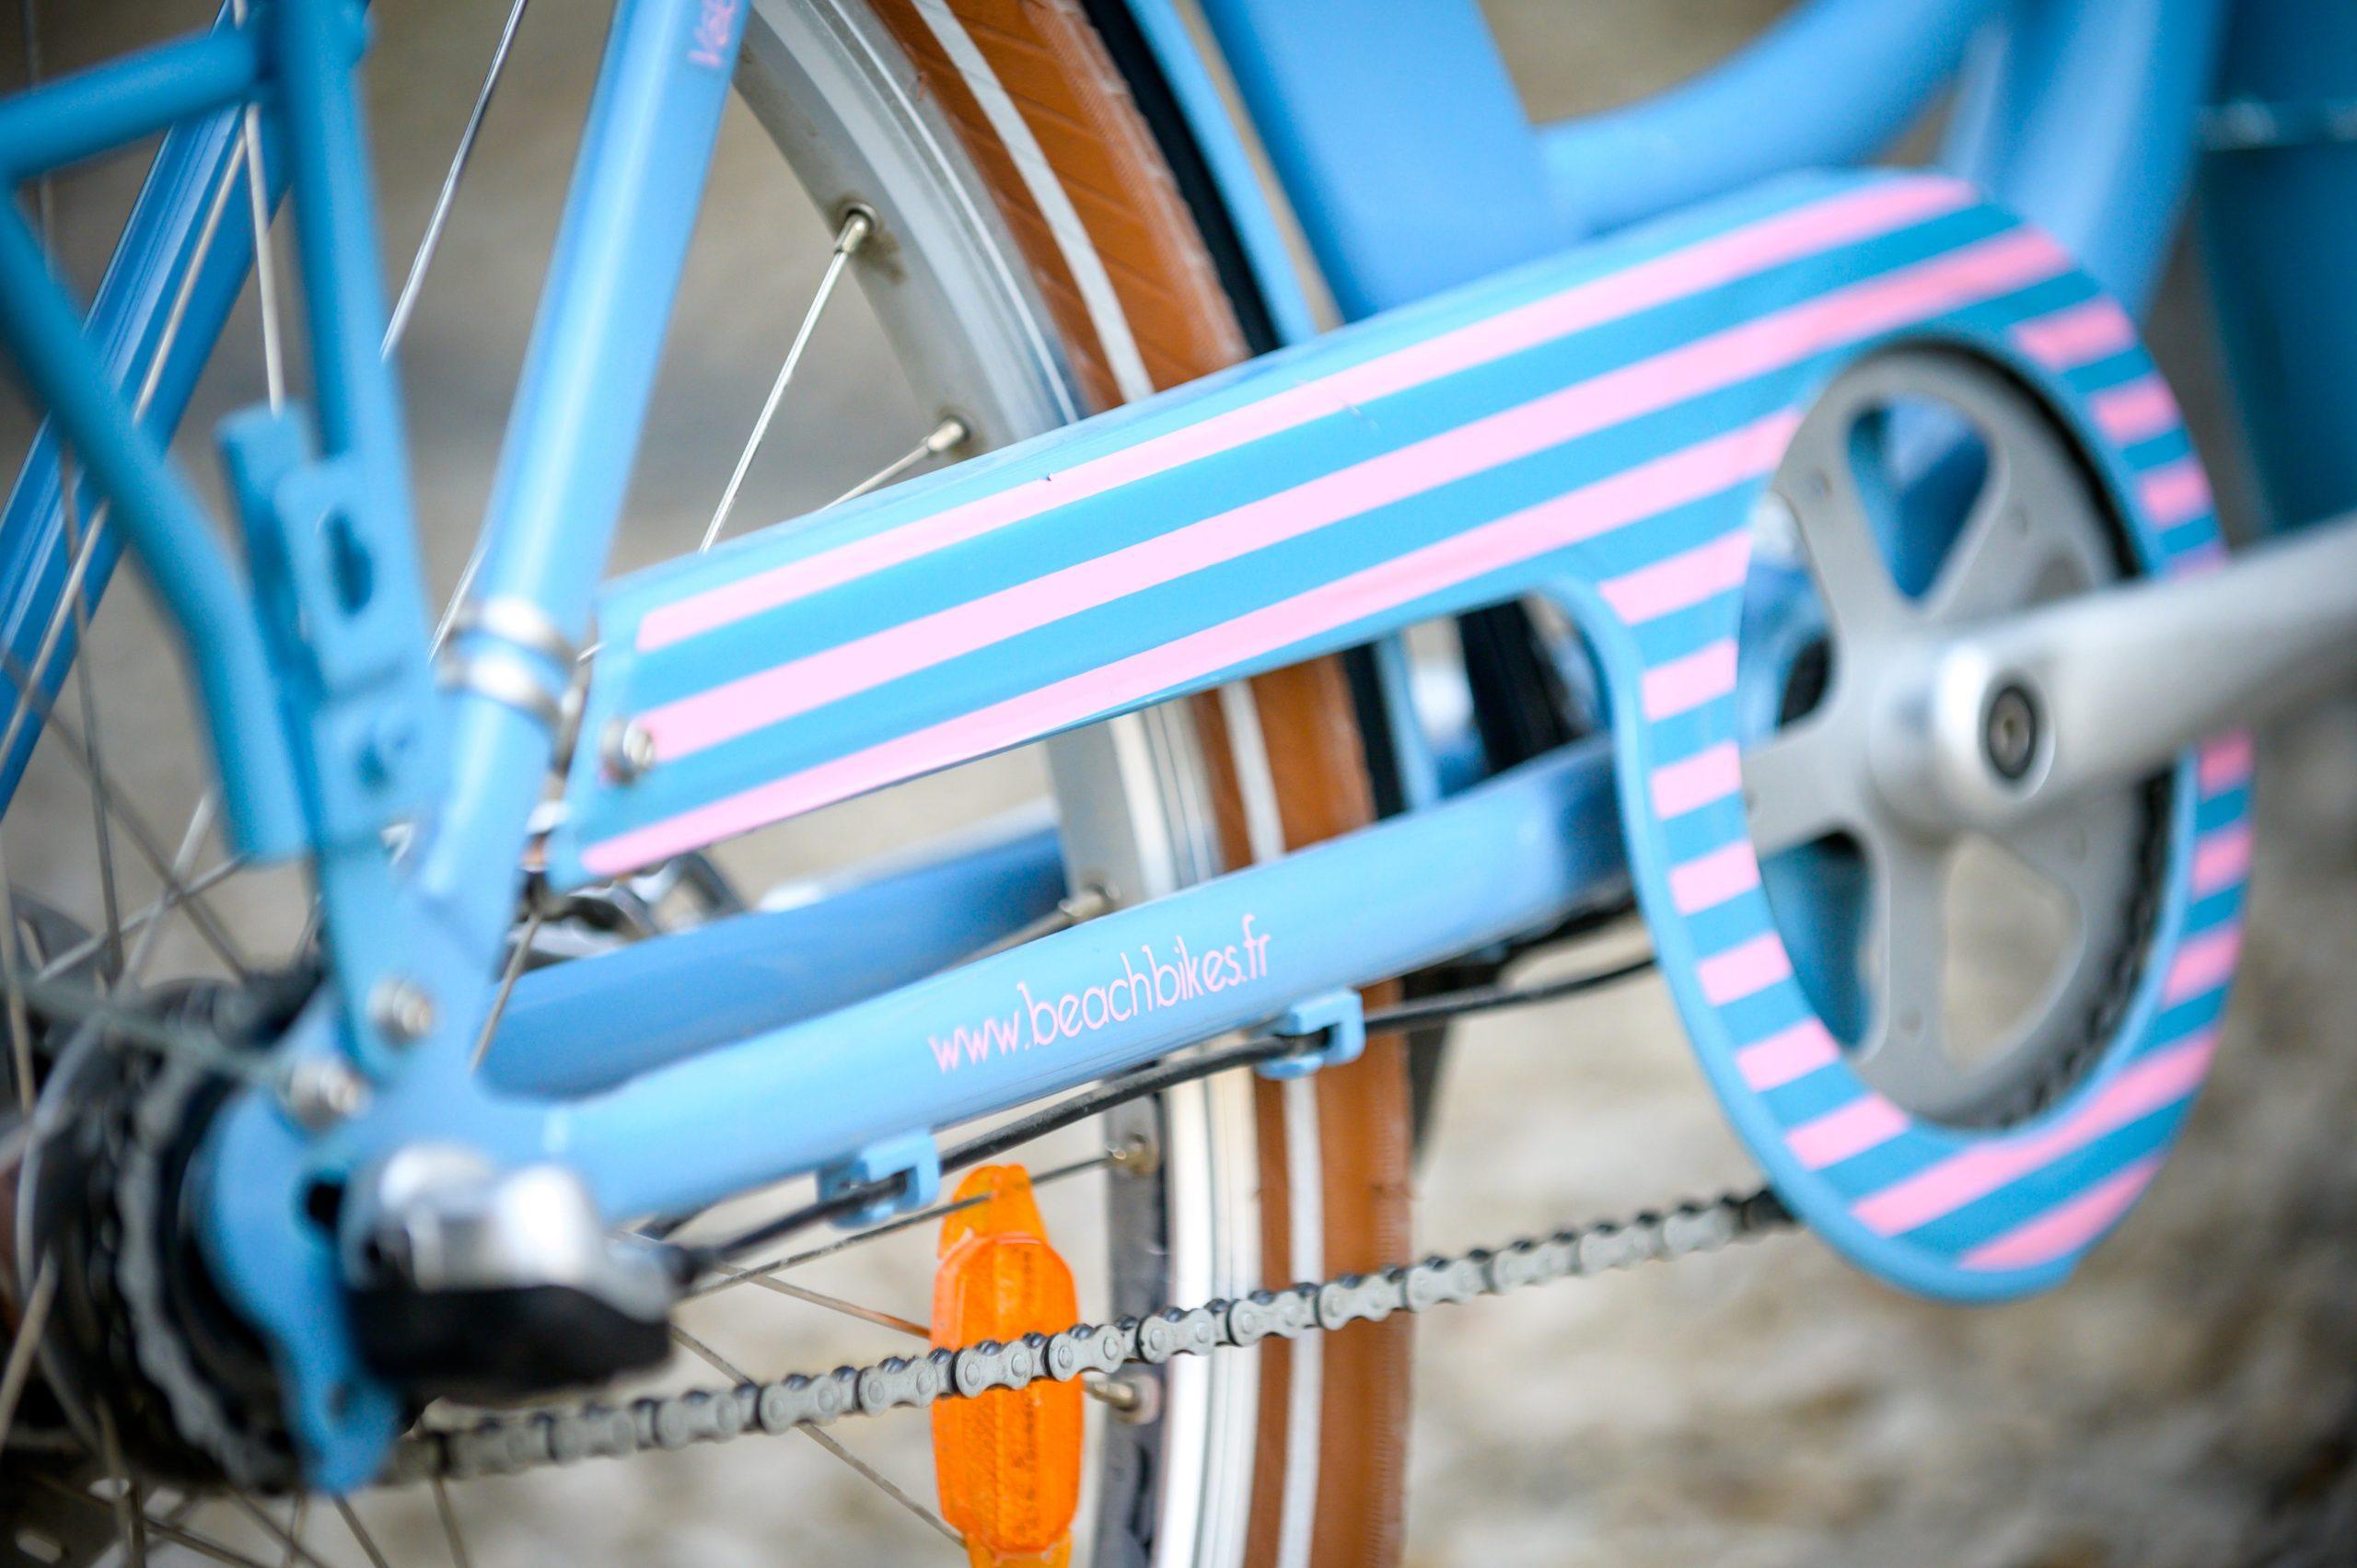 Vélo électrique avec nexus shimano